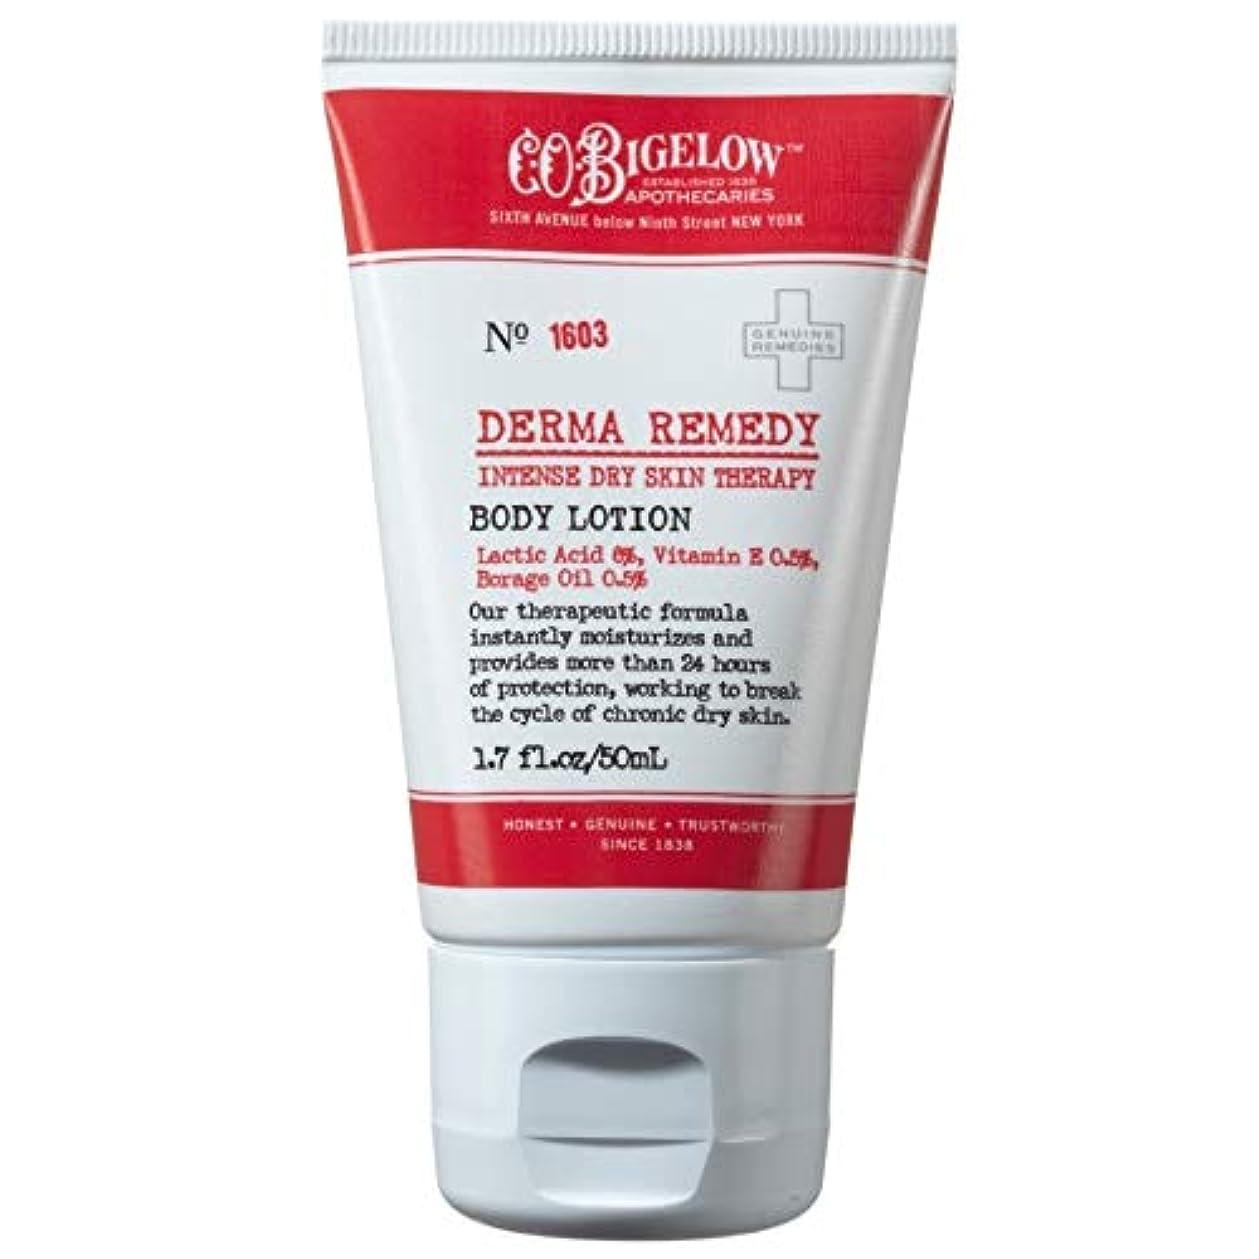 ネズミ保守的エンジニアリング[C.O. Bigelow] C.O.ビゲローダーマ救済激しい乾燥肌の治療ボディローション - C.O. Bigelow Derma Remedy Intense Dry Skin Therapy Body Lotion...